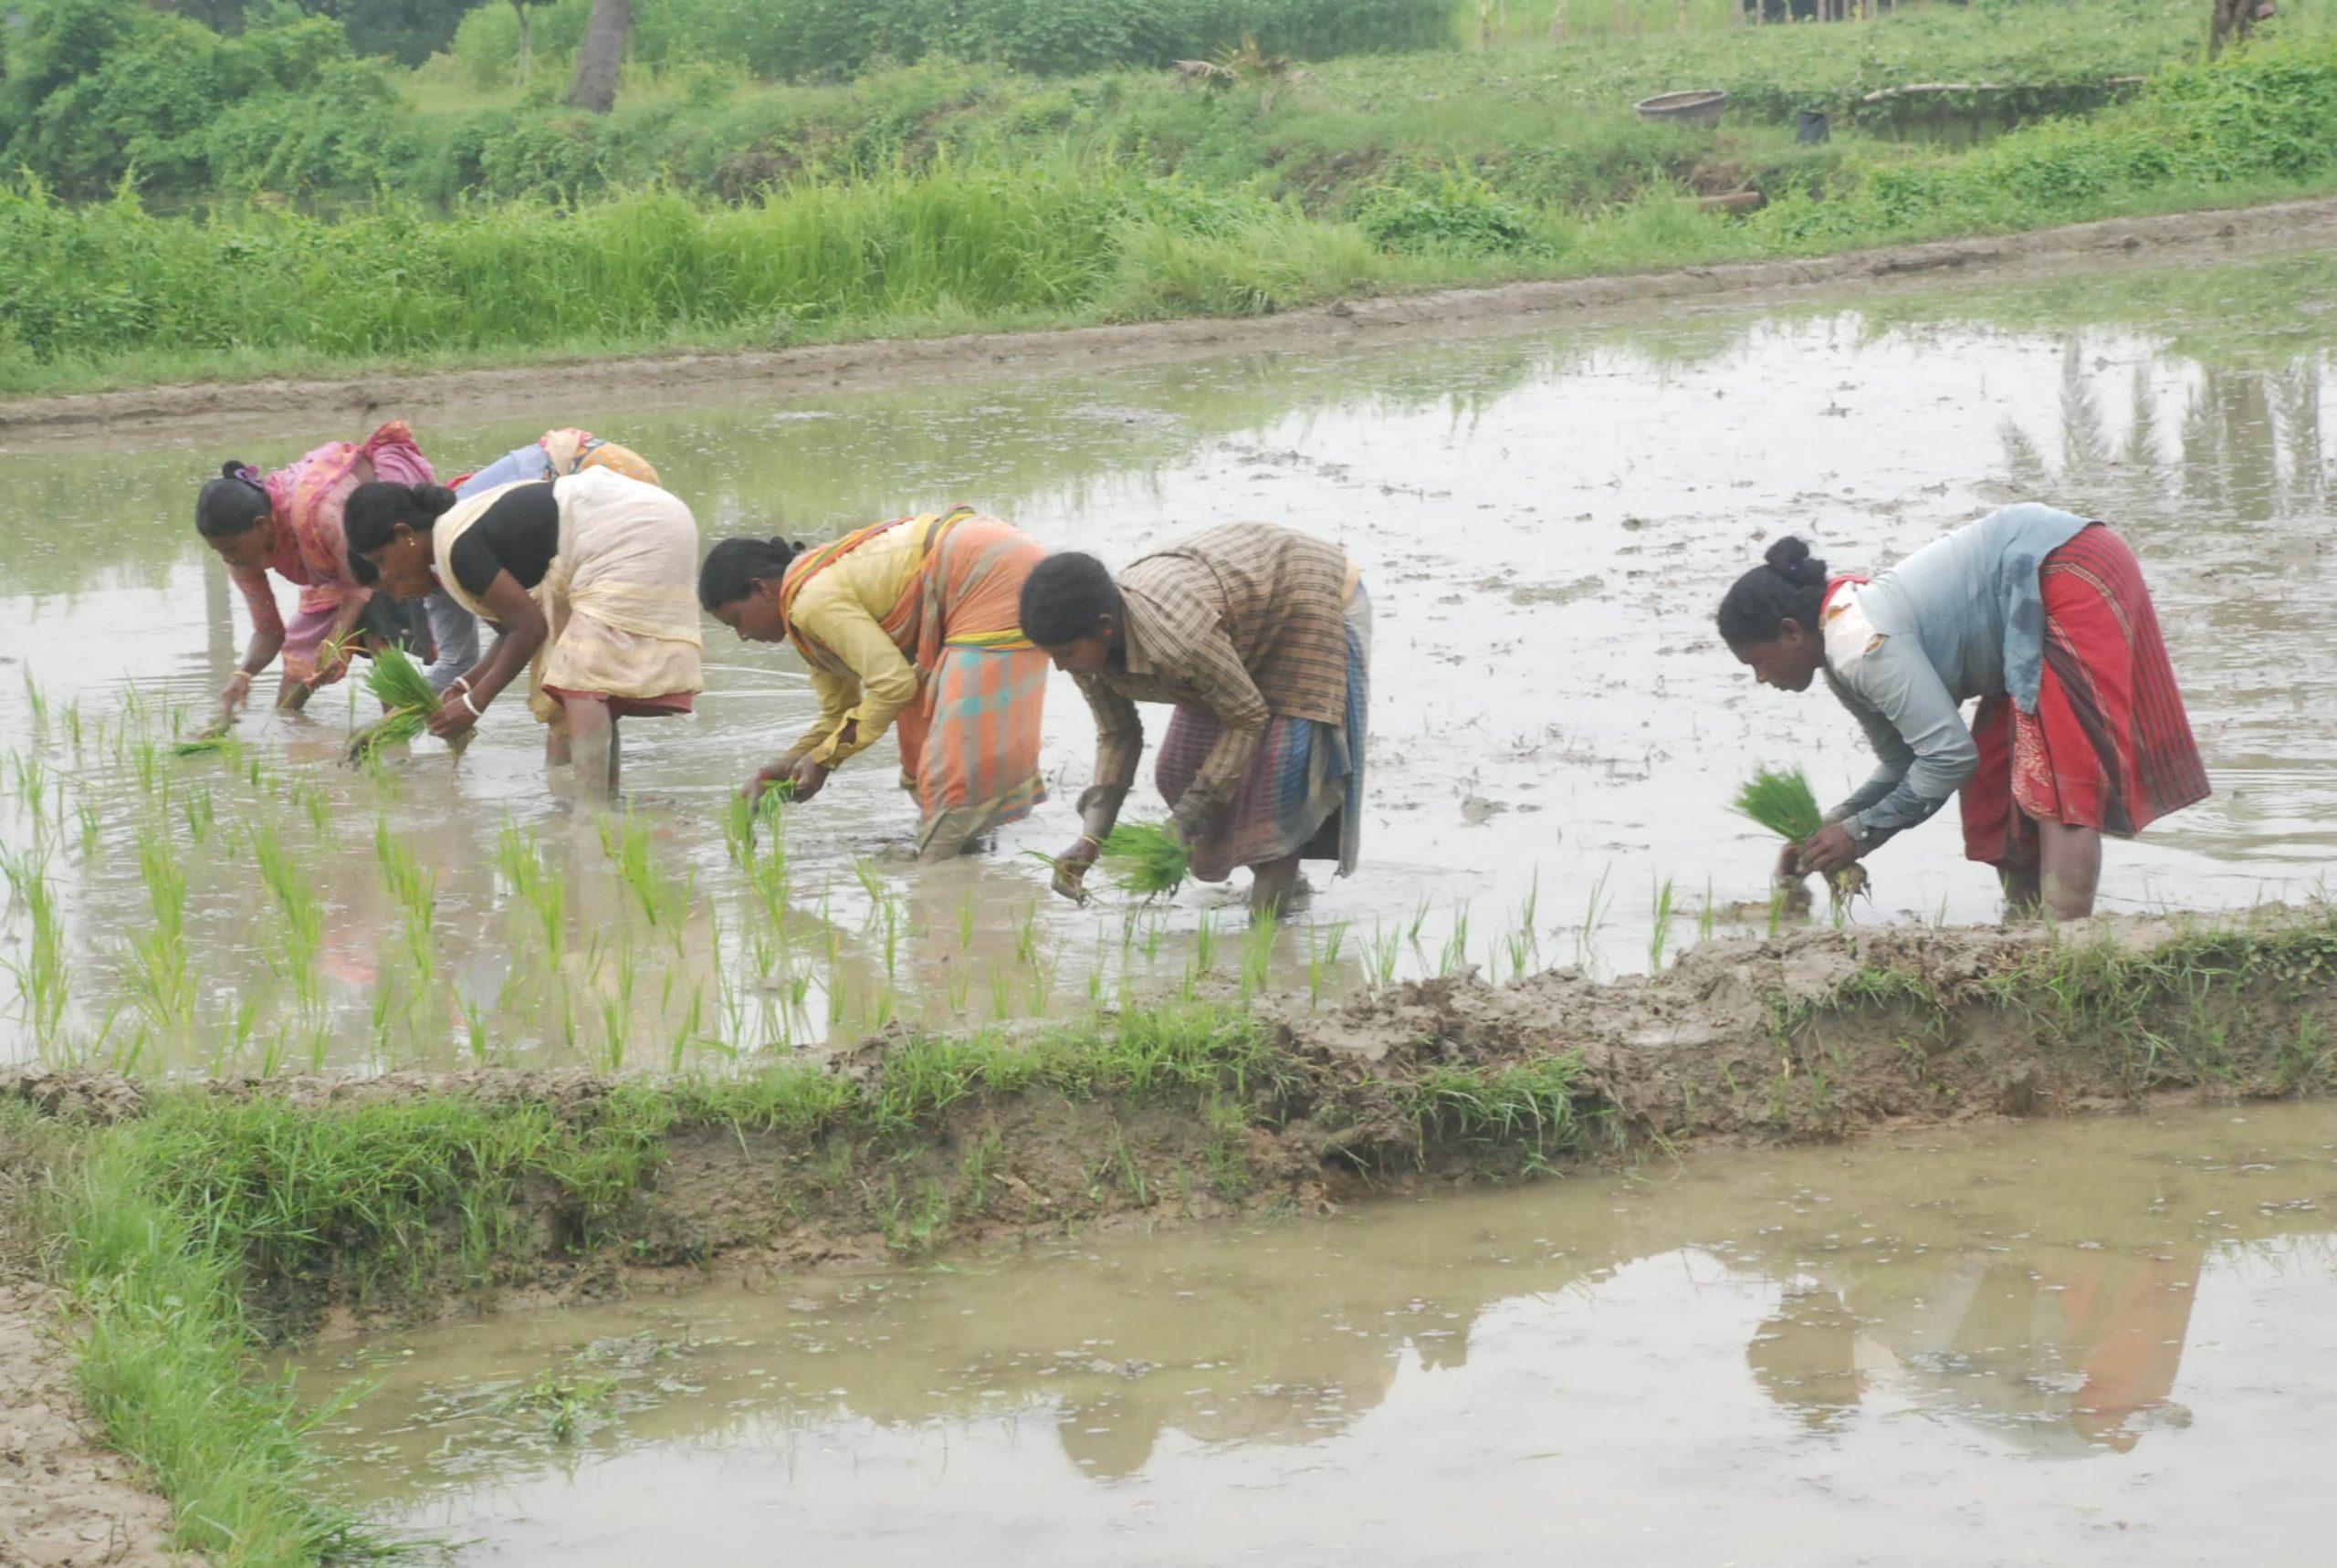 রাজশাহীতে ৭৬,৫০০ হেক্টর জমিতে চাষ হচ্ছে রোপা আমন